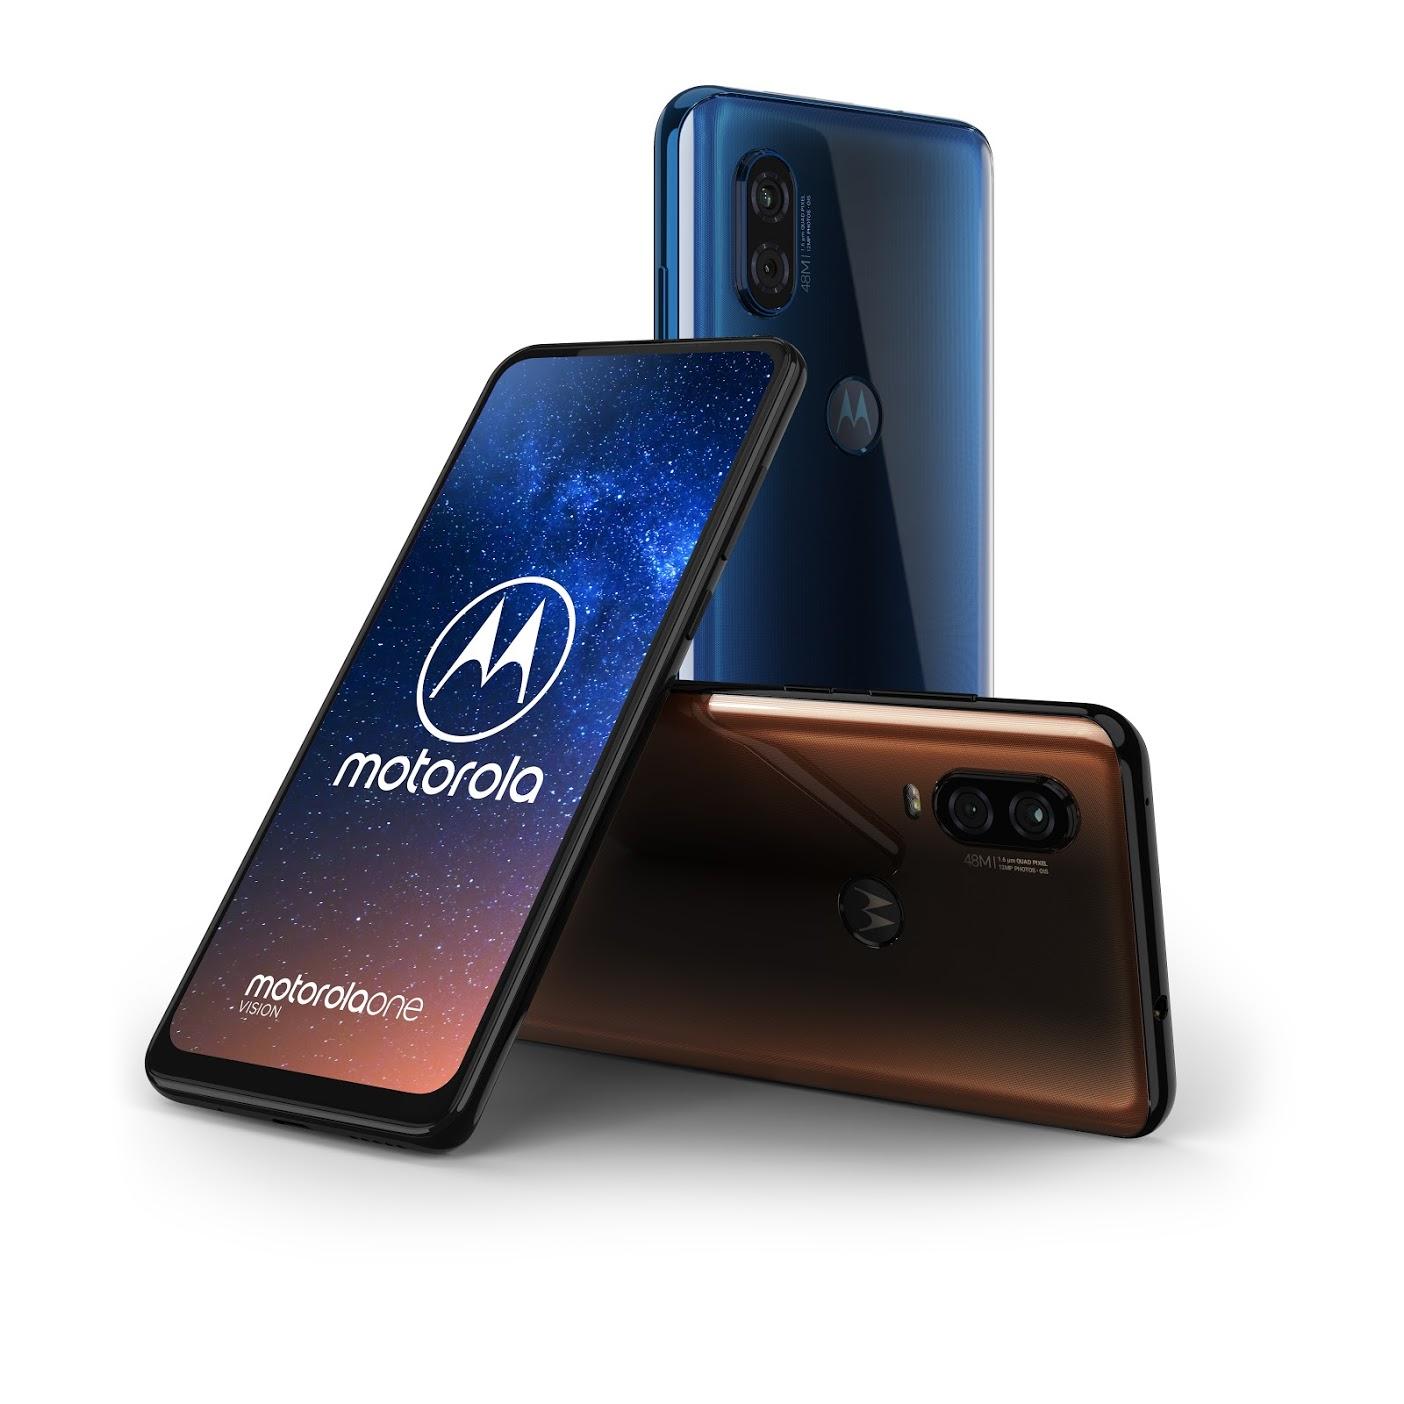 Motorola One Vision cena premiera specyfikacja techniczna opinie gdzie kupić najtaniej w Polsce Sony Xperia 1